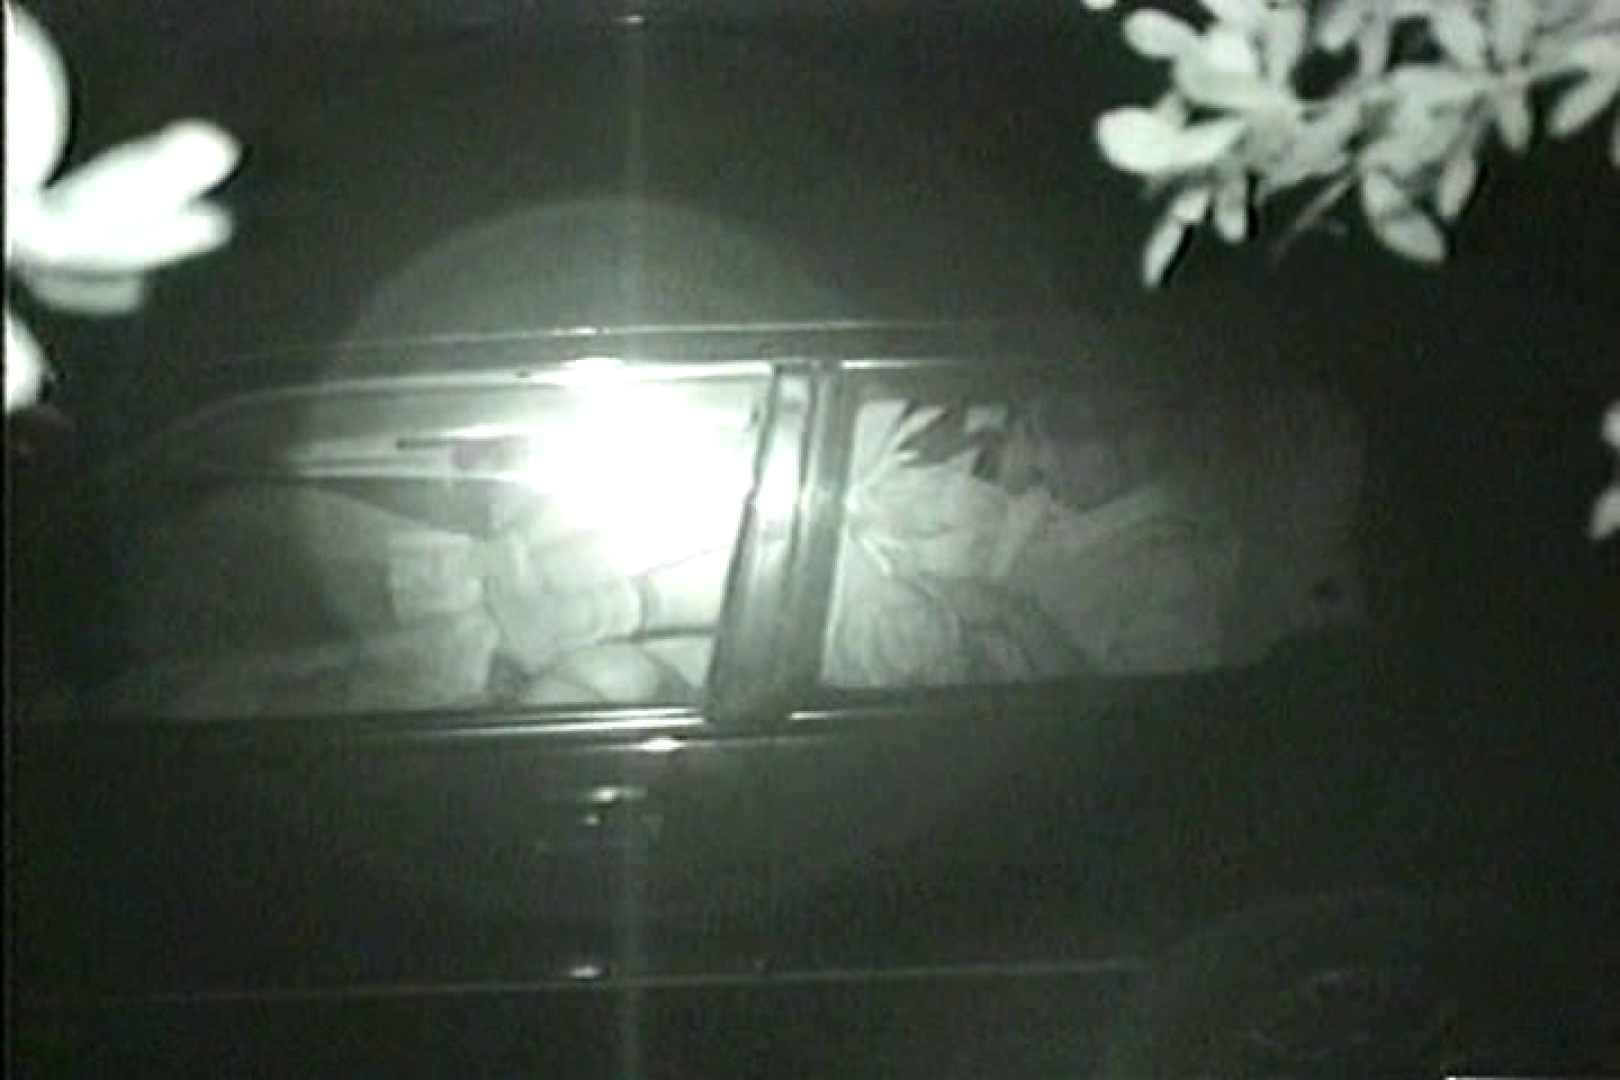 車の中はラブホテル 無修正版  Vol.10 望遠 盗み撮り動画キャプチャ 87pic 77